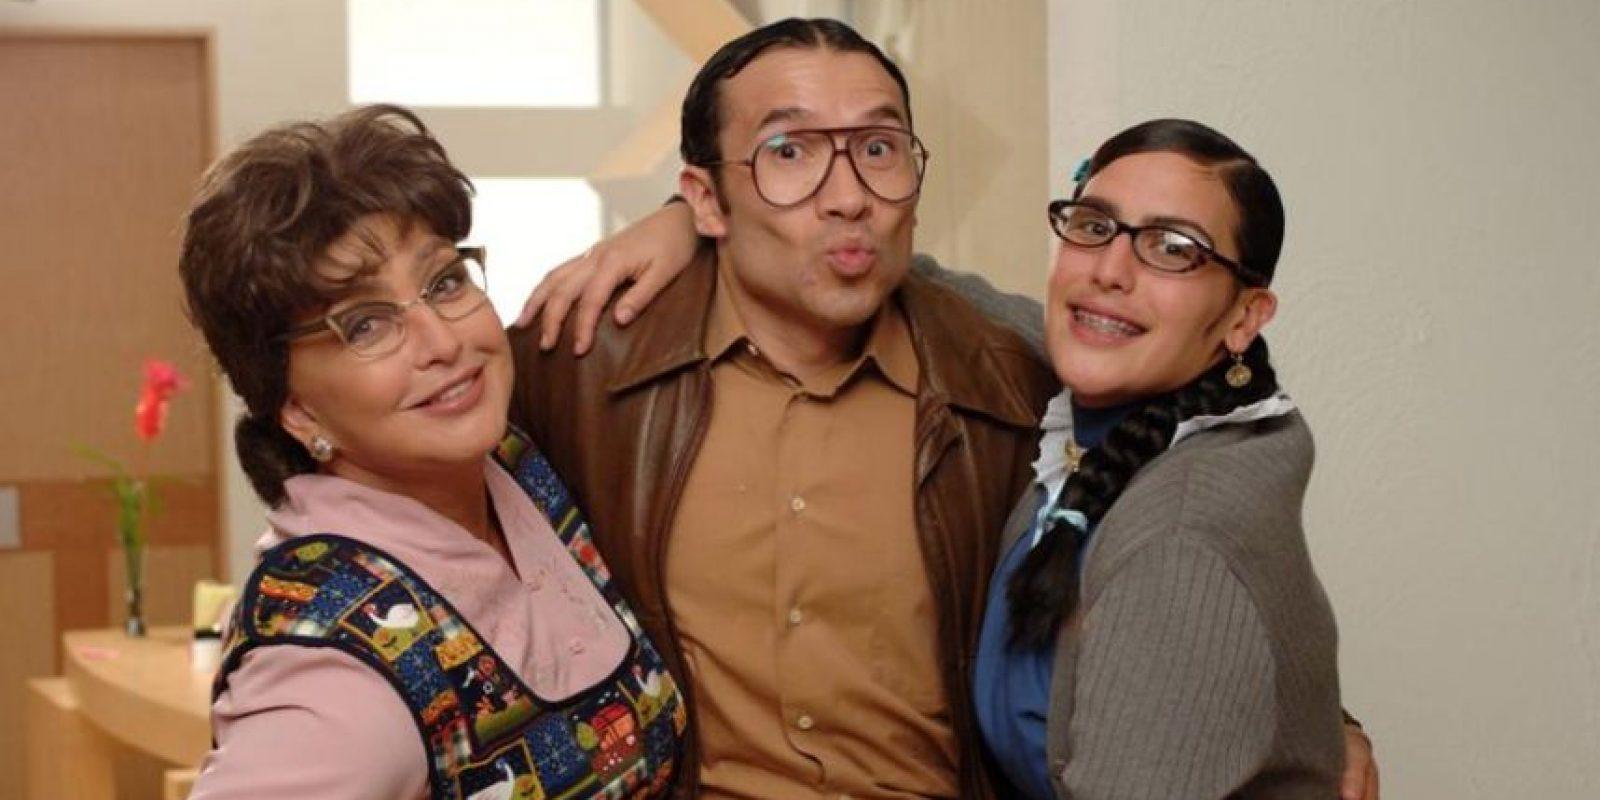 Se ha criticado que todos los personajes sean una burda imitación. Foto:vía Televisa